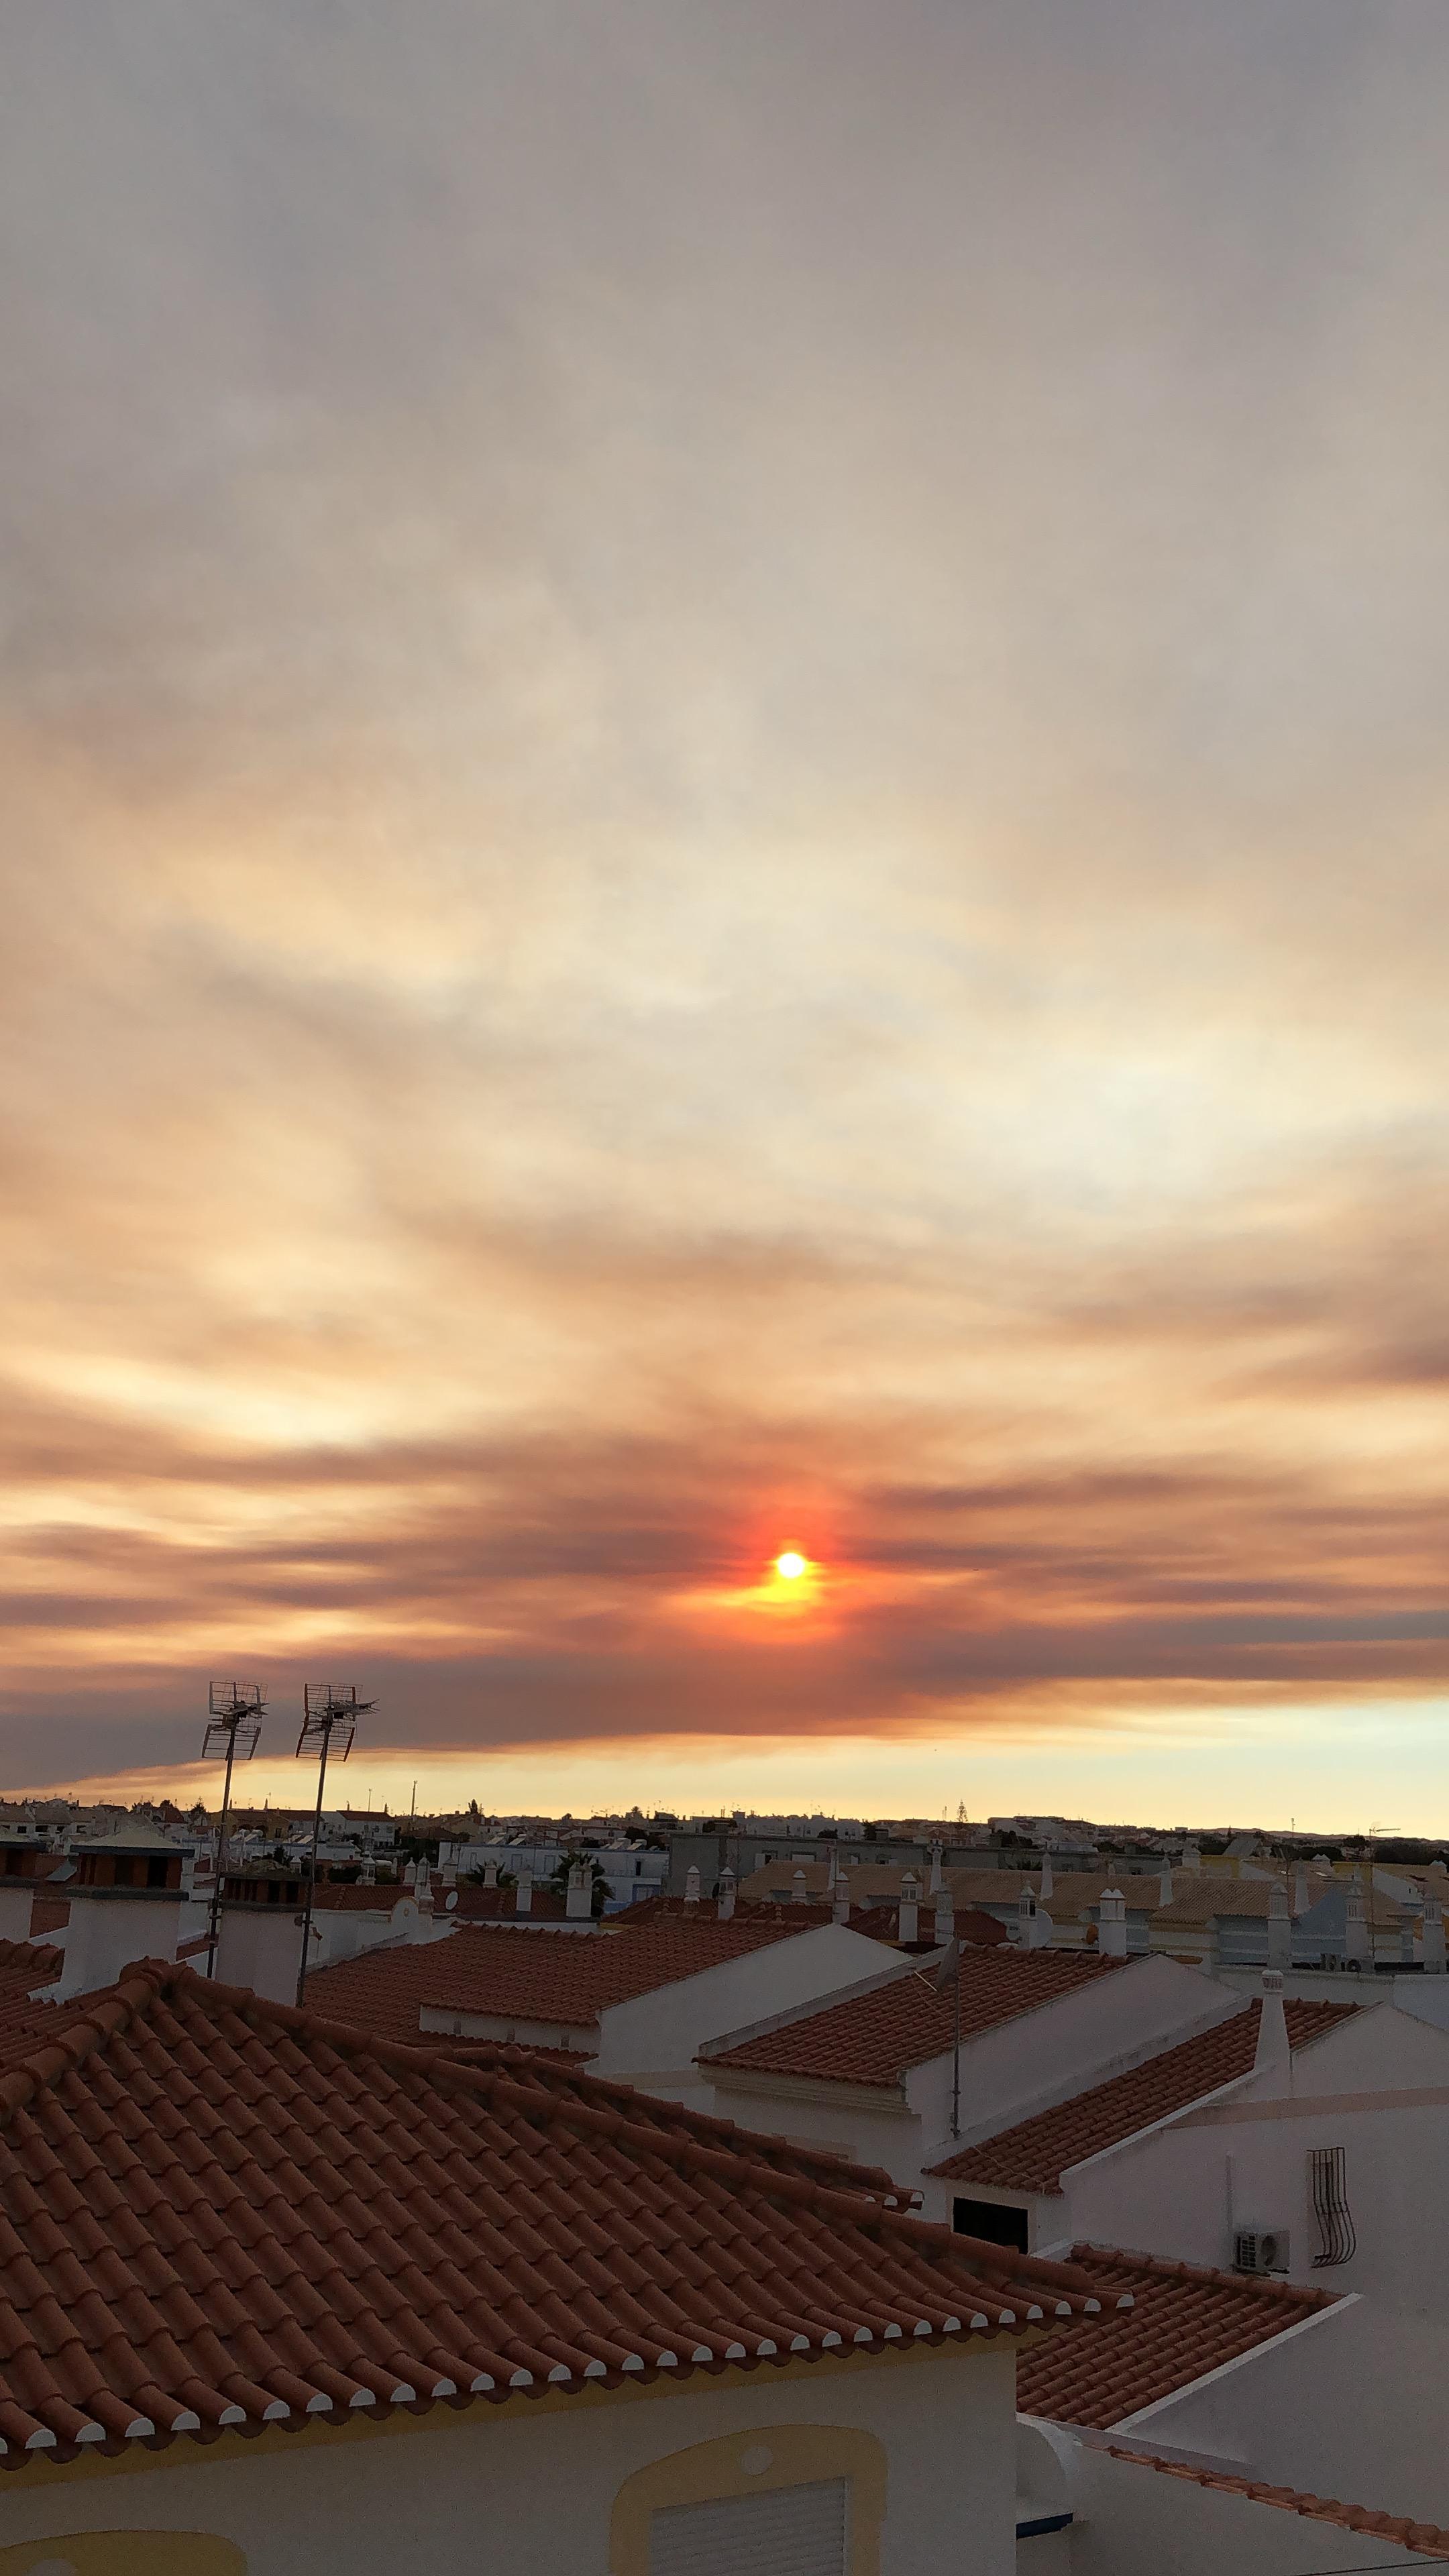 O fumo do incêndio de Monchique na Praia da Oura, em Albufeira